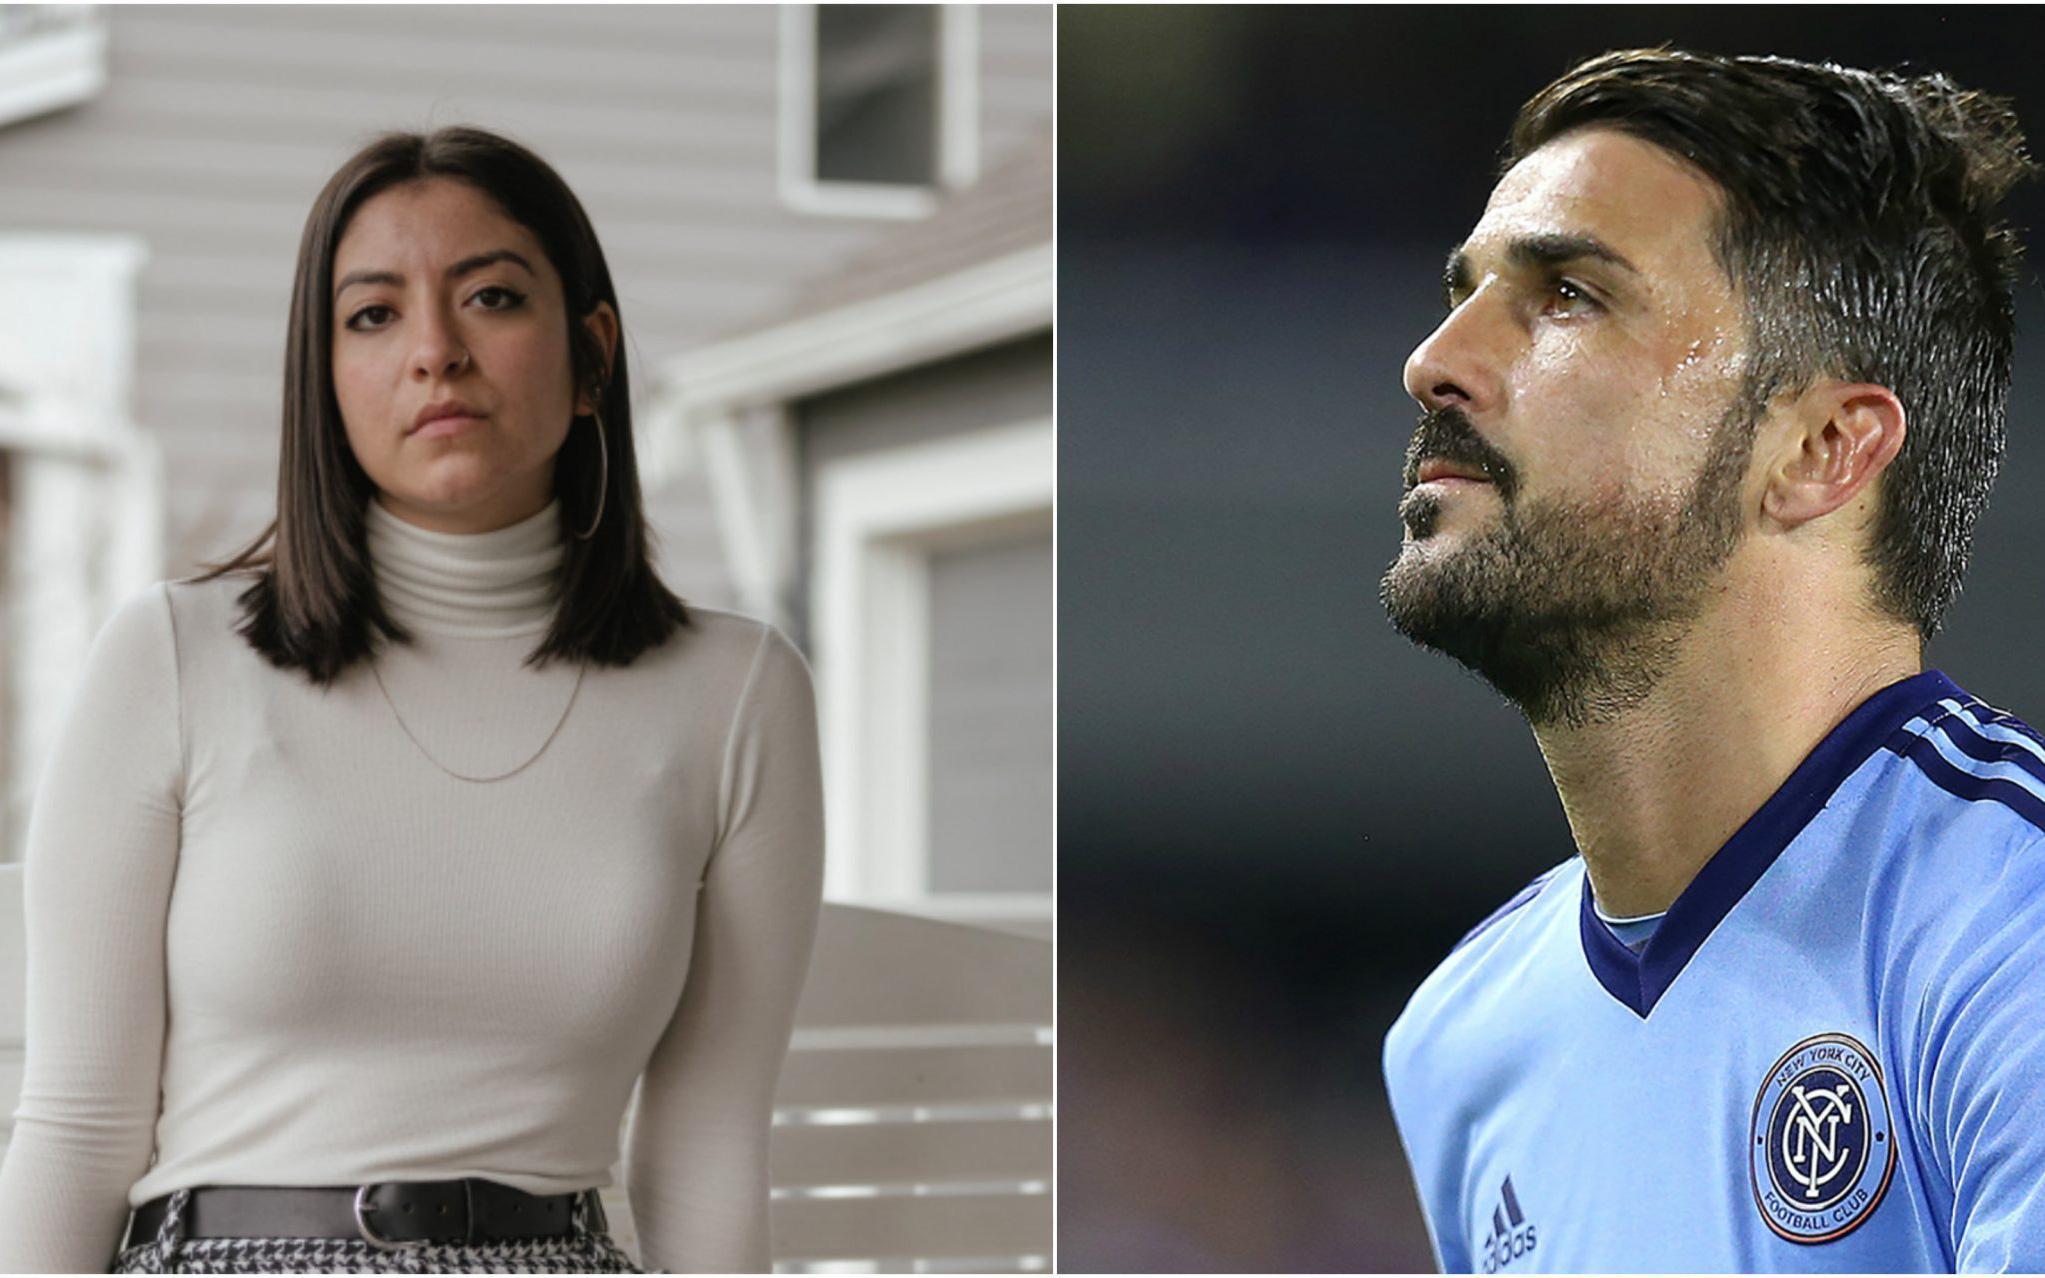 Nữ sinh tố cáo cựu ngôi sao Barca có hành vi quấy rối tình dục